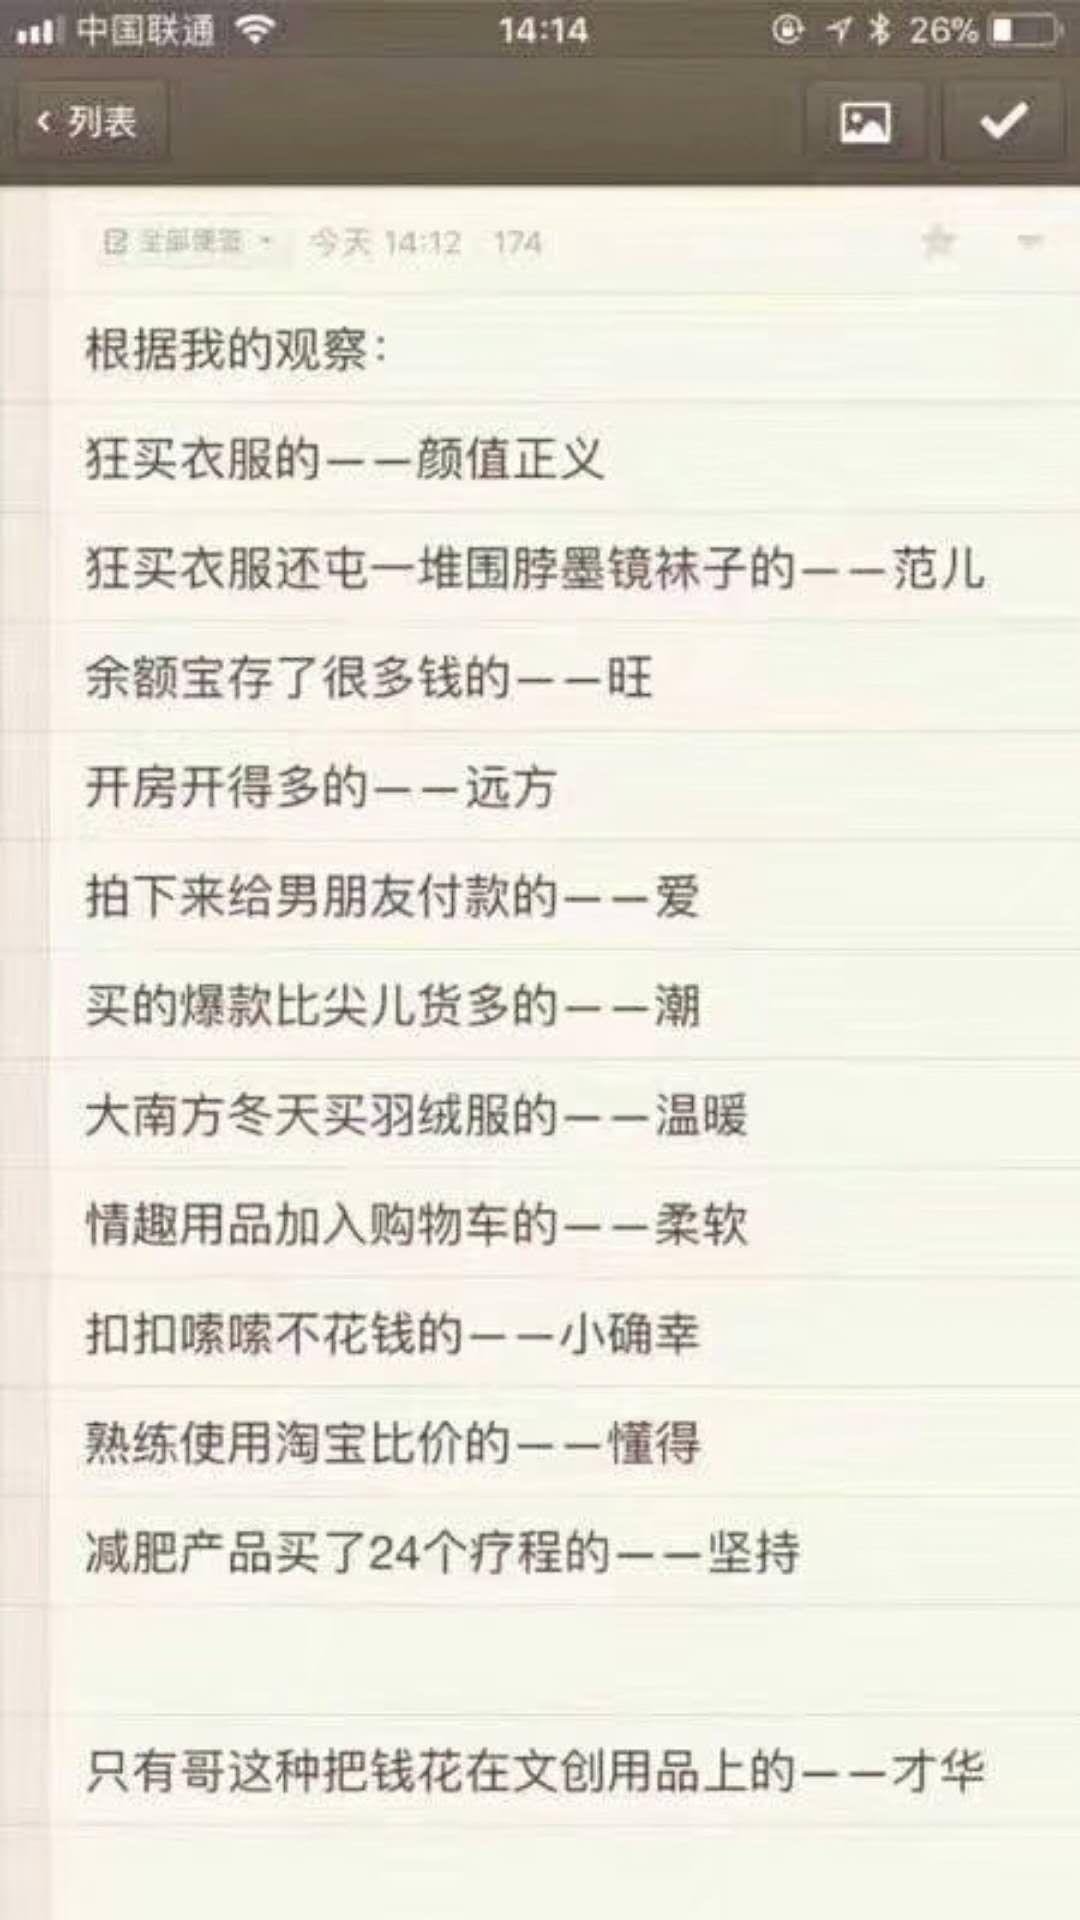 去年中国游戏观点仅代表作者本人